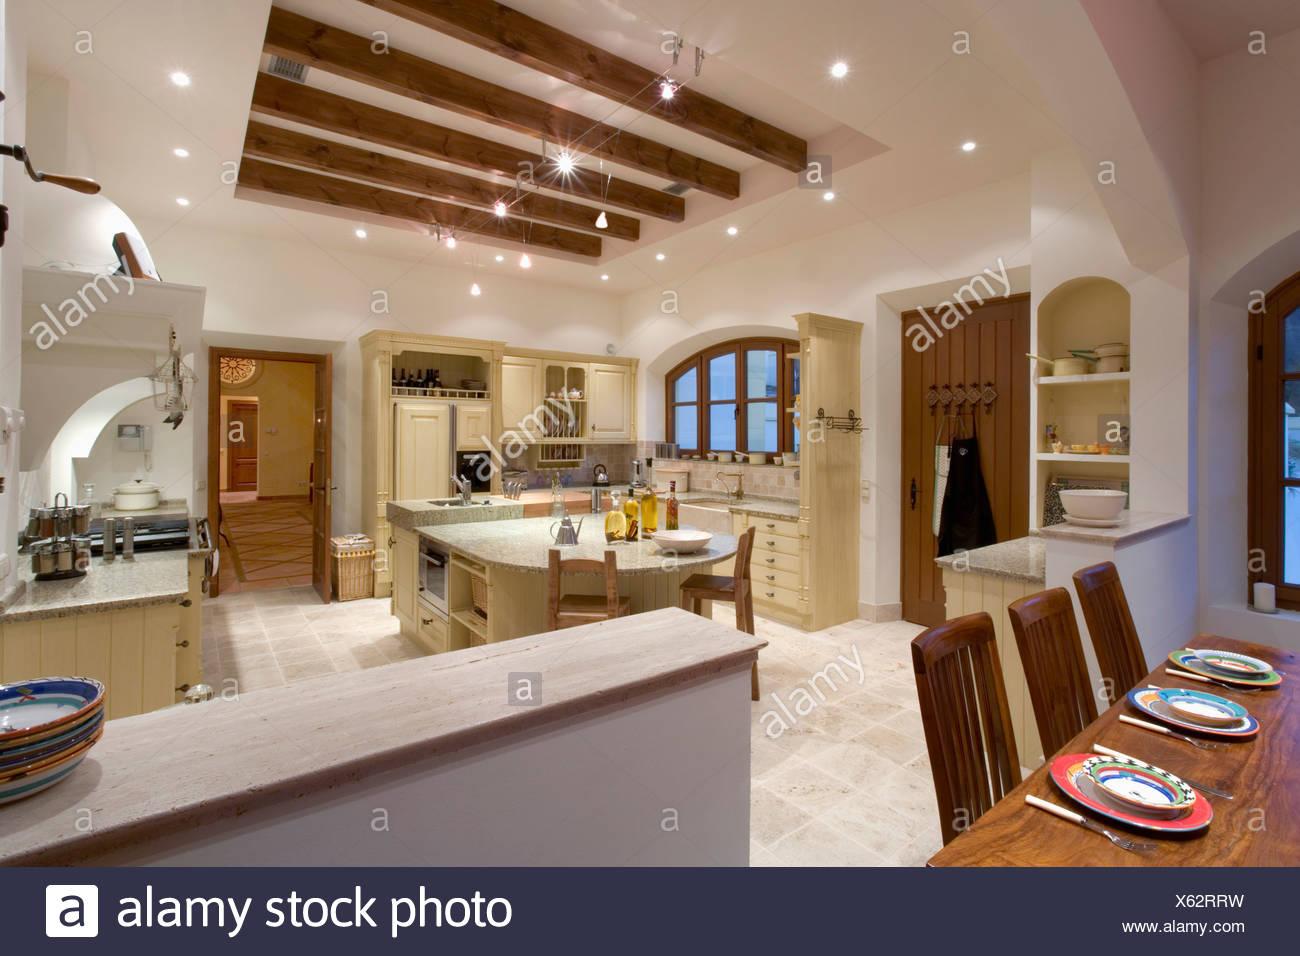 Grande cucina sala da pranzo in spagnolo moderno villa con